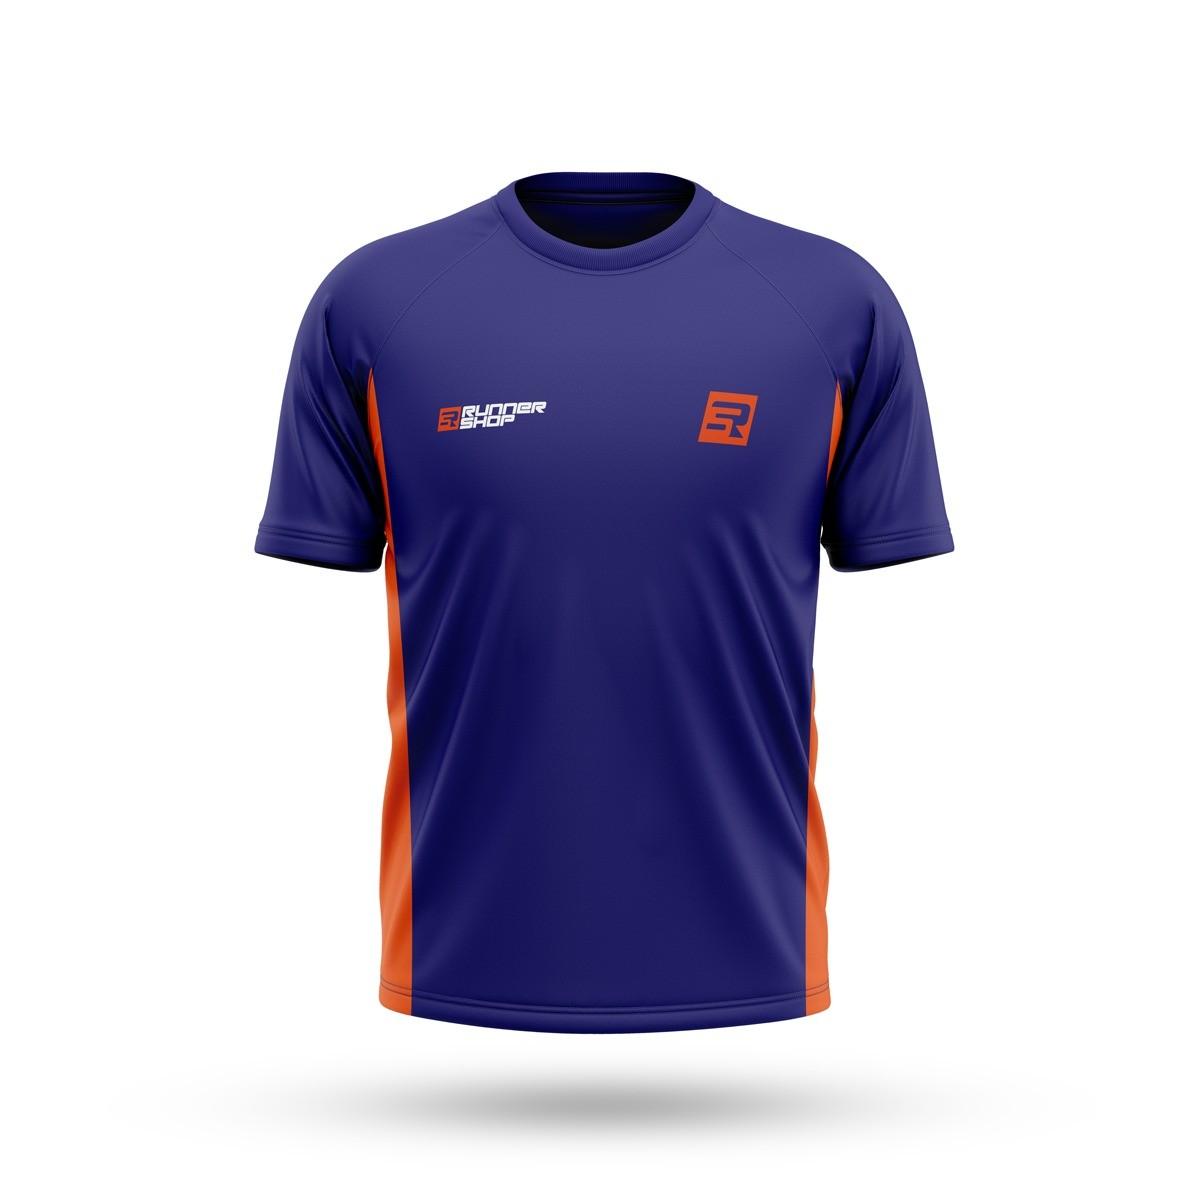 Camiseta TEAM - Unissex | RS TEAM